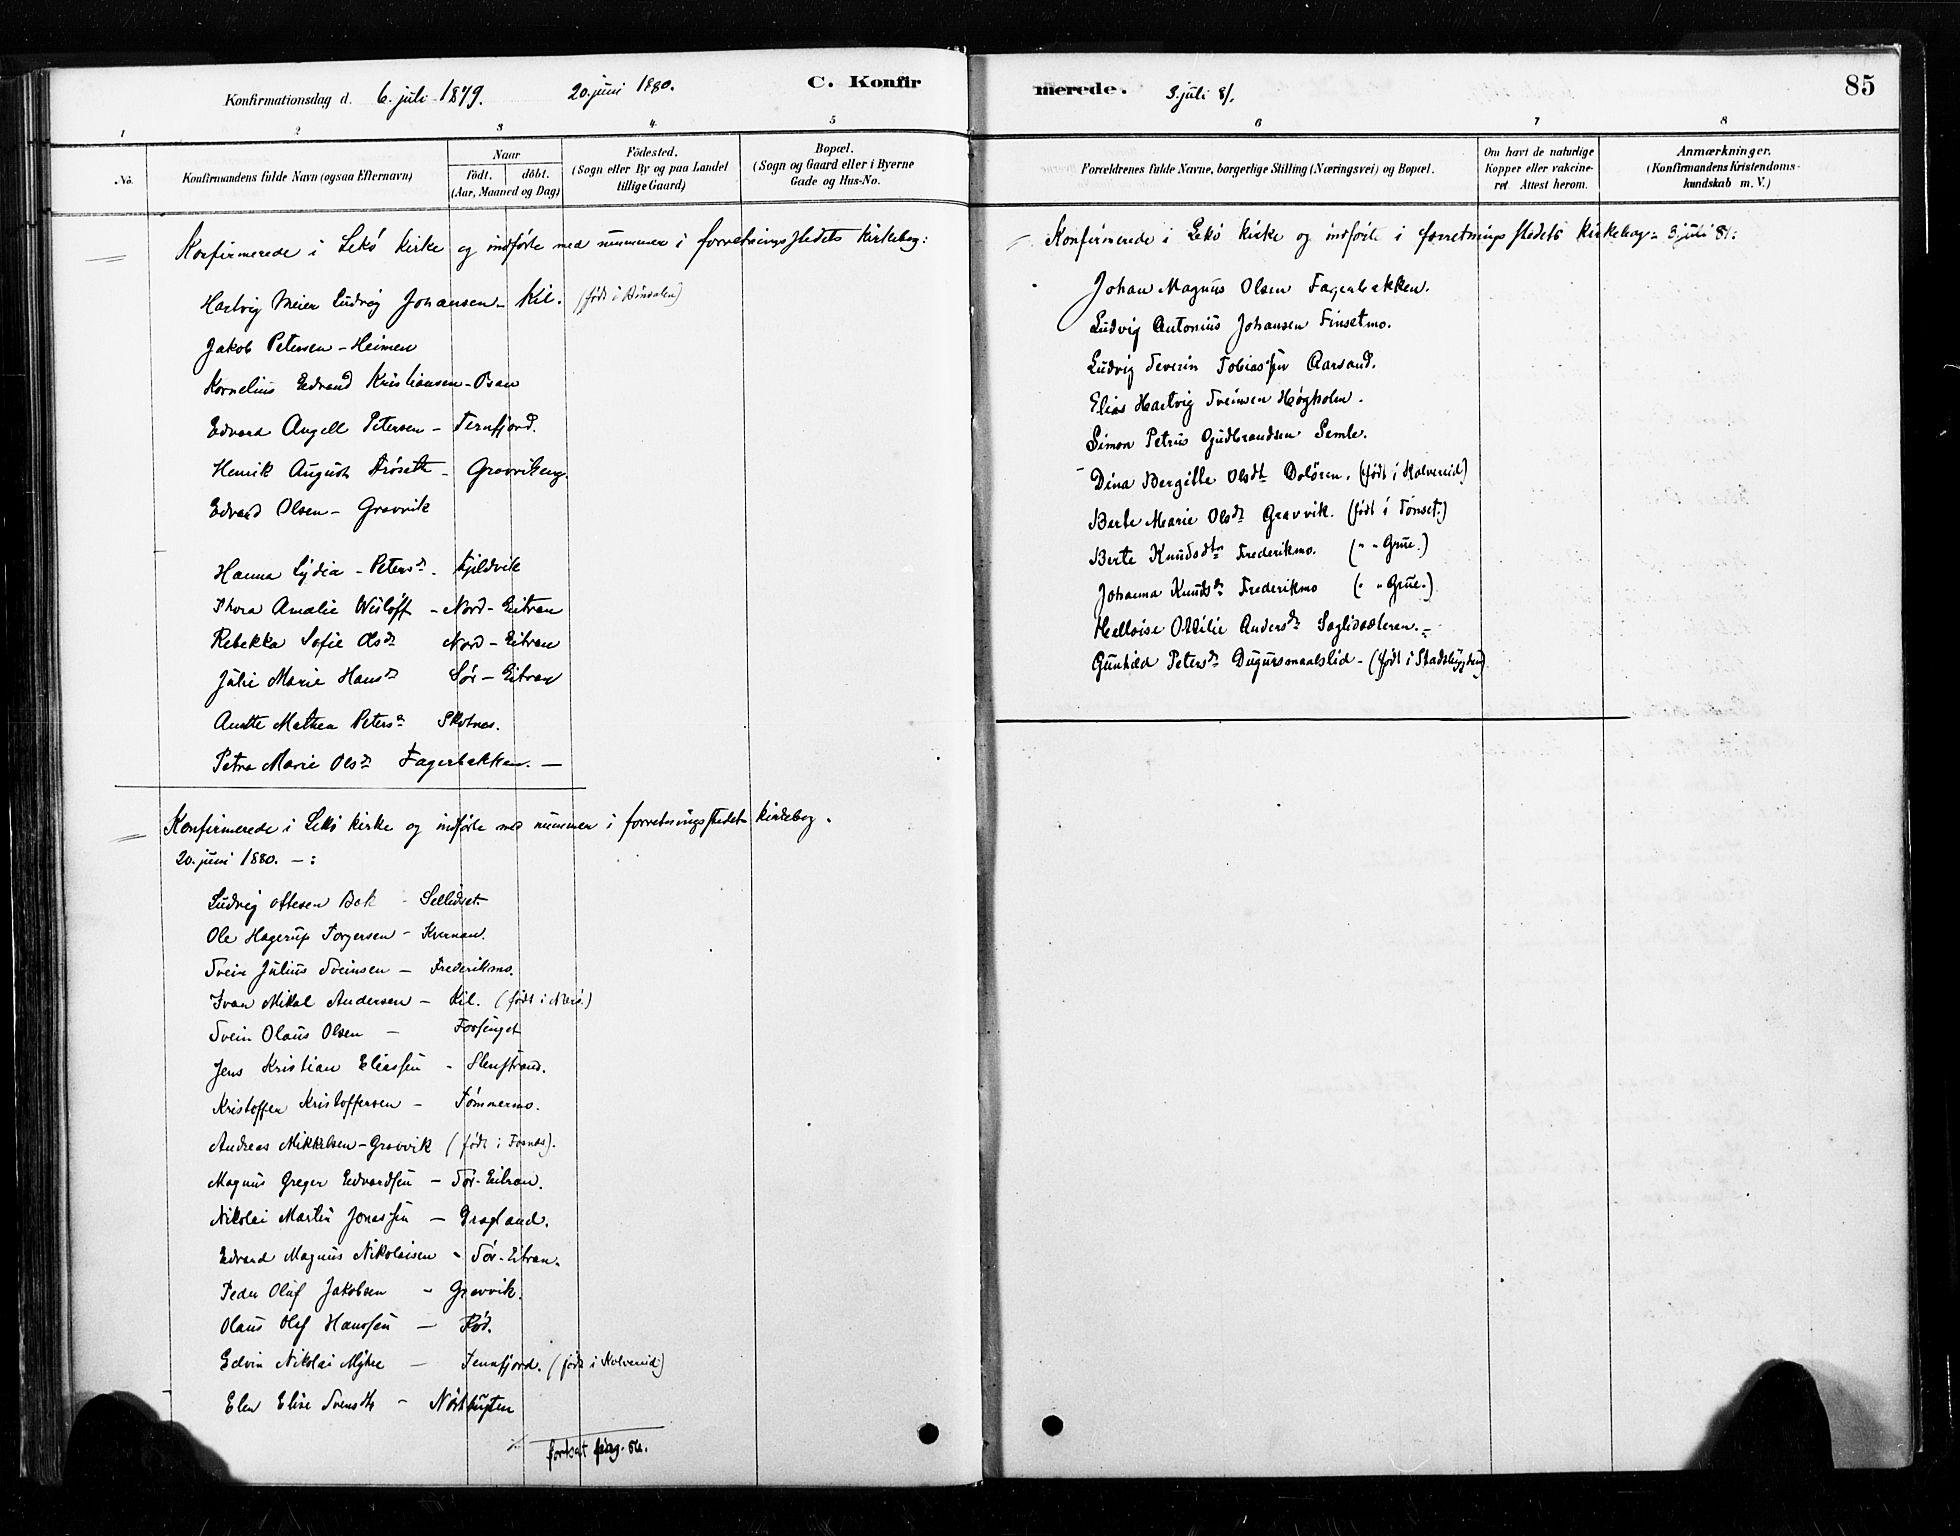 SAT, Ministerialprotokoller, klokkerbøker og fødselsregistre - Nord-Trøndelag, 789/L0705: Ministerialbok nr. 789A01, 1878-1910, s. 85